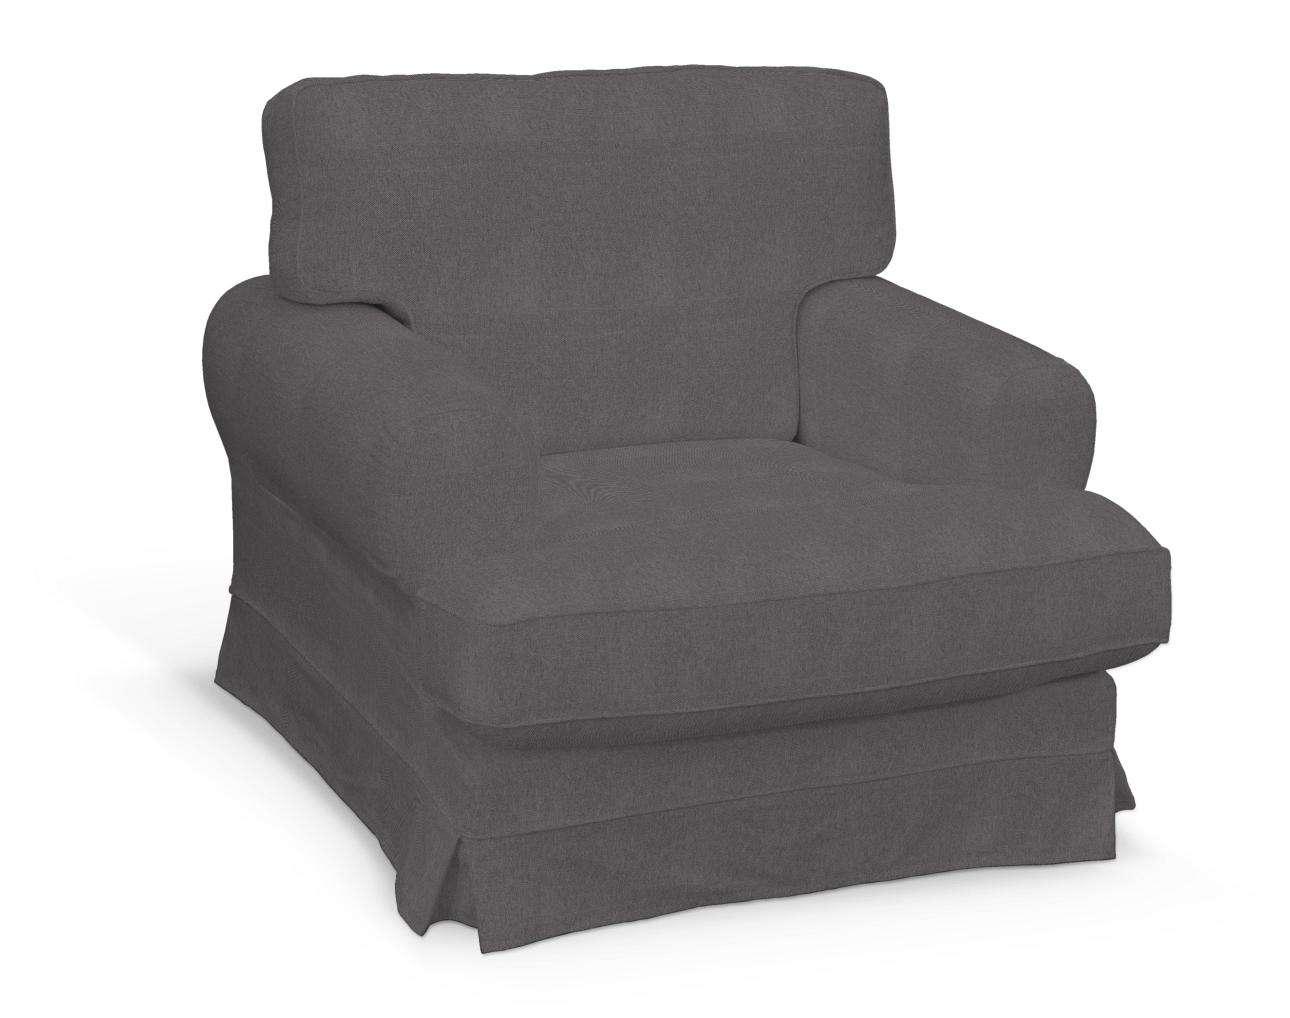 Pokrowiec na fotel Ekeskog w kolekcji Etna, tkanina: 705-35